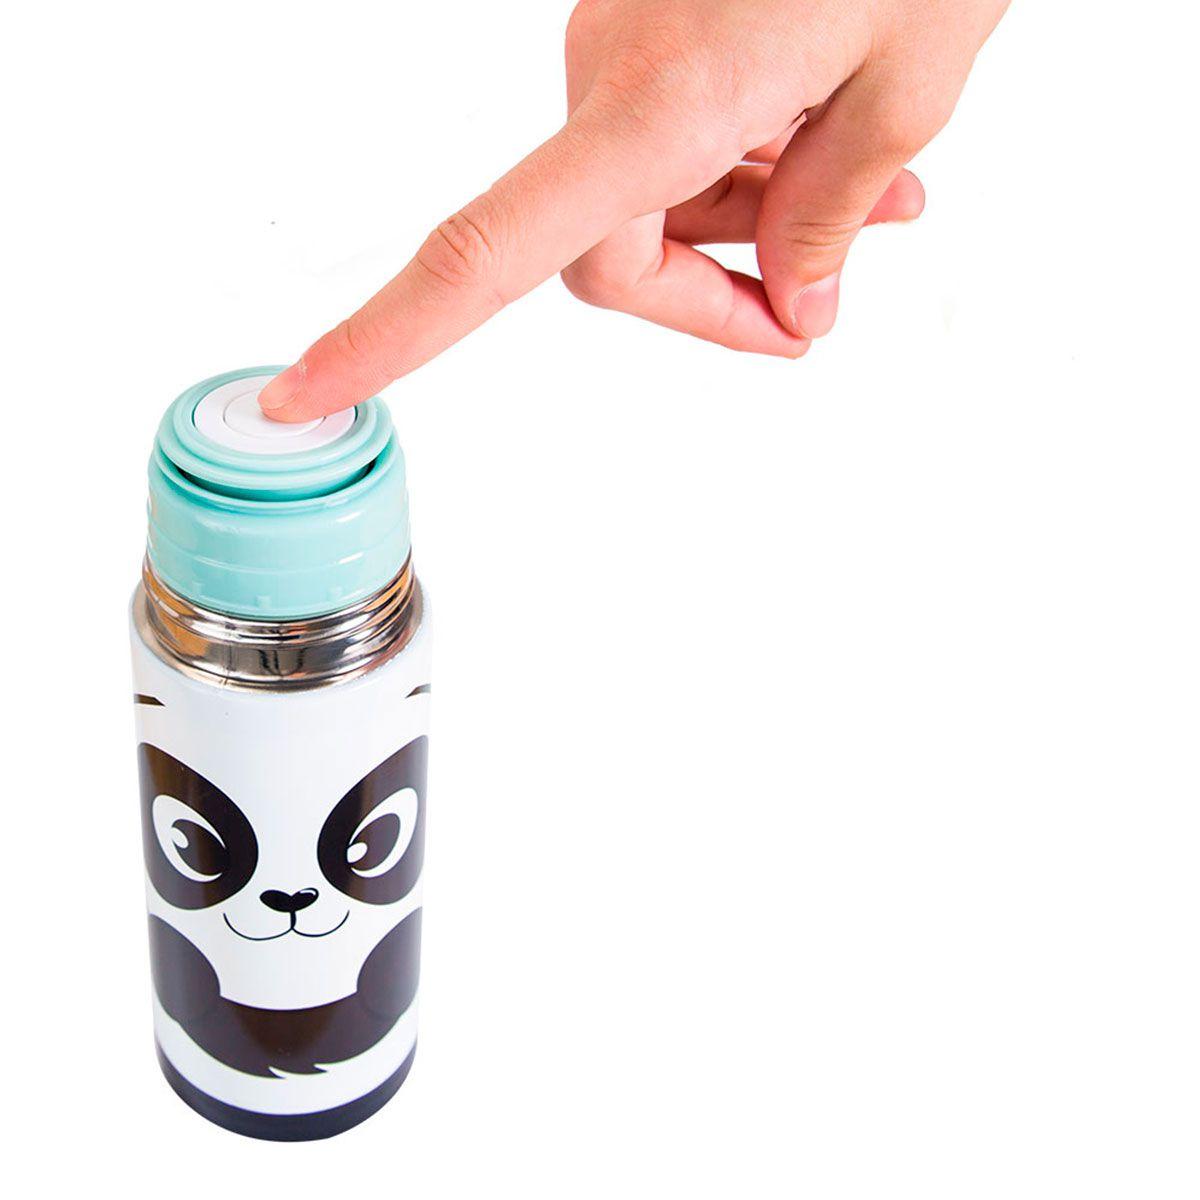 Garrafa Térmica 350 ml com Caneca - Panda